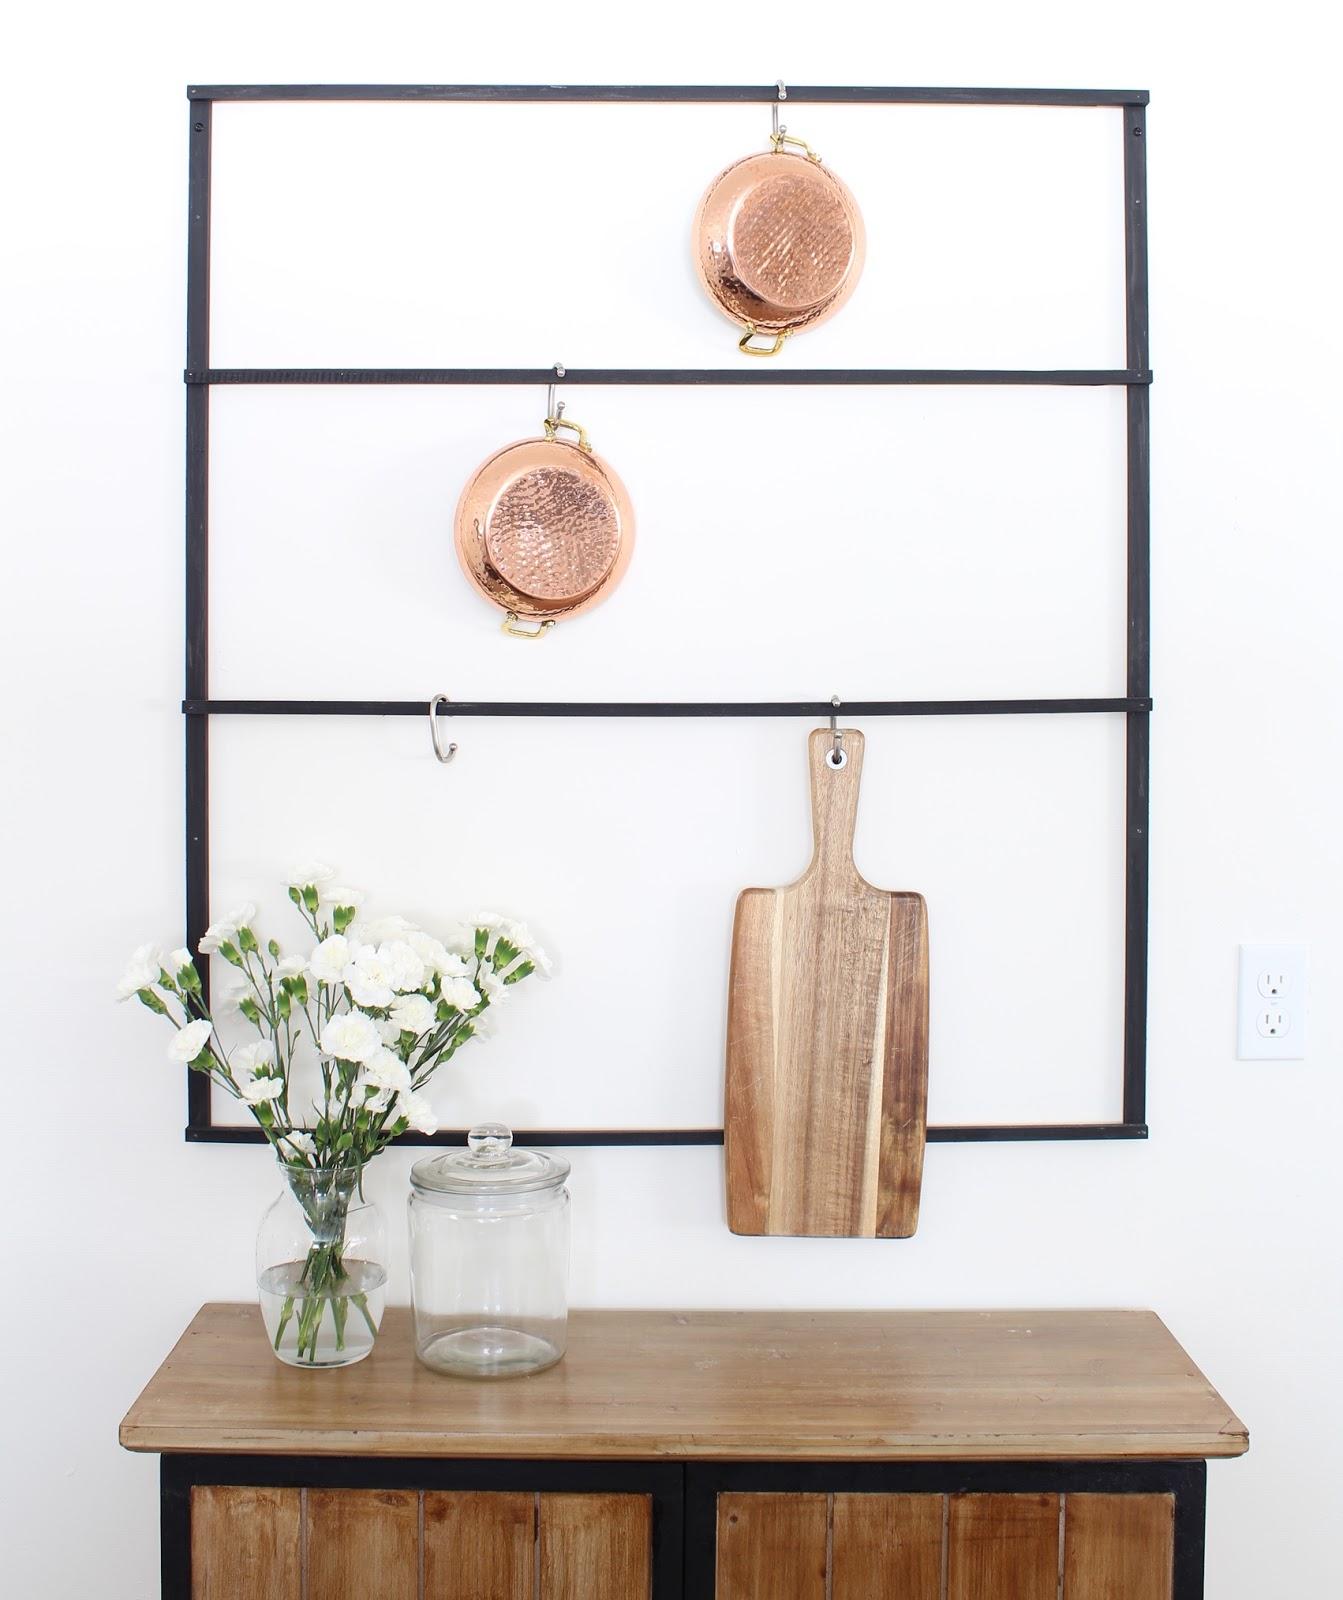 DIY-wall-mounted-pot-rack-1